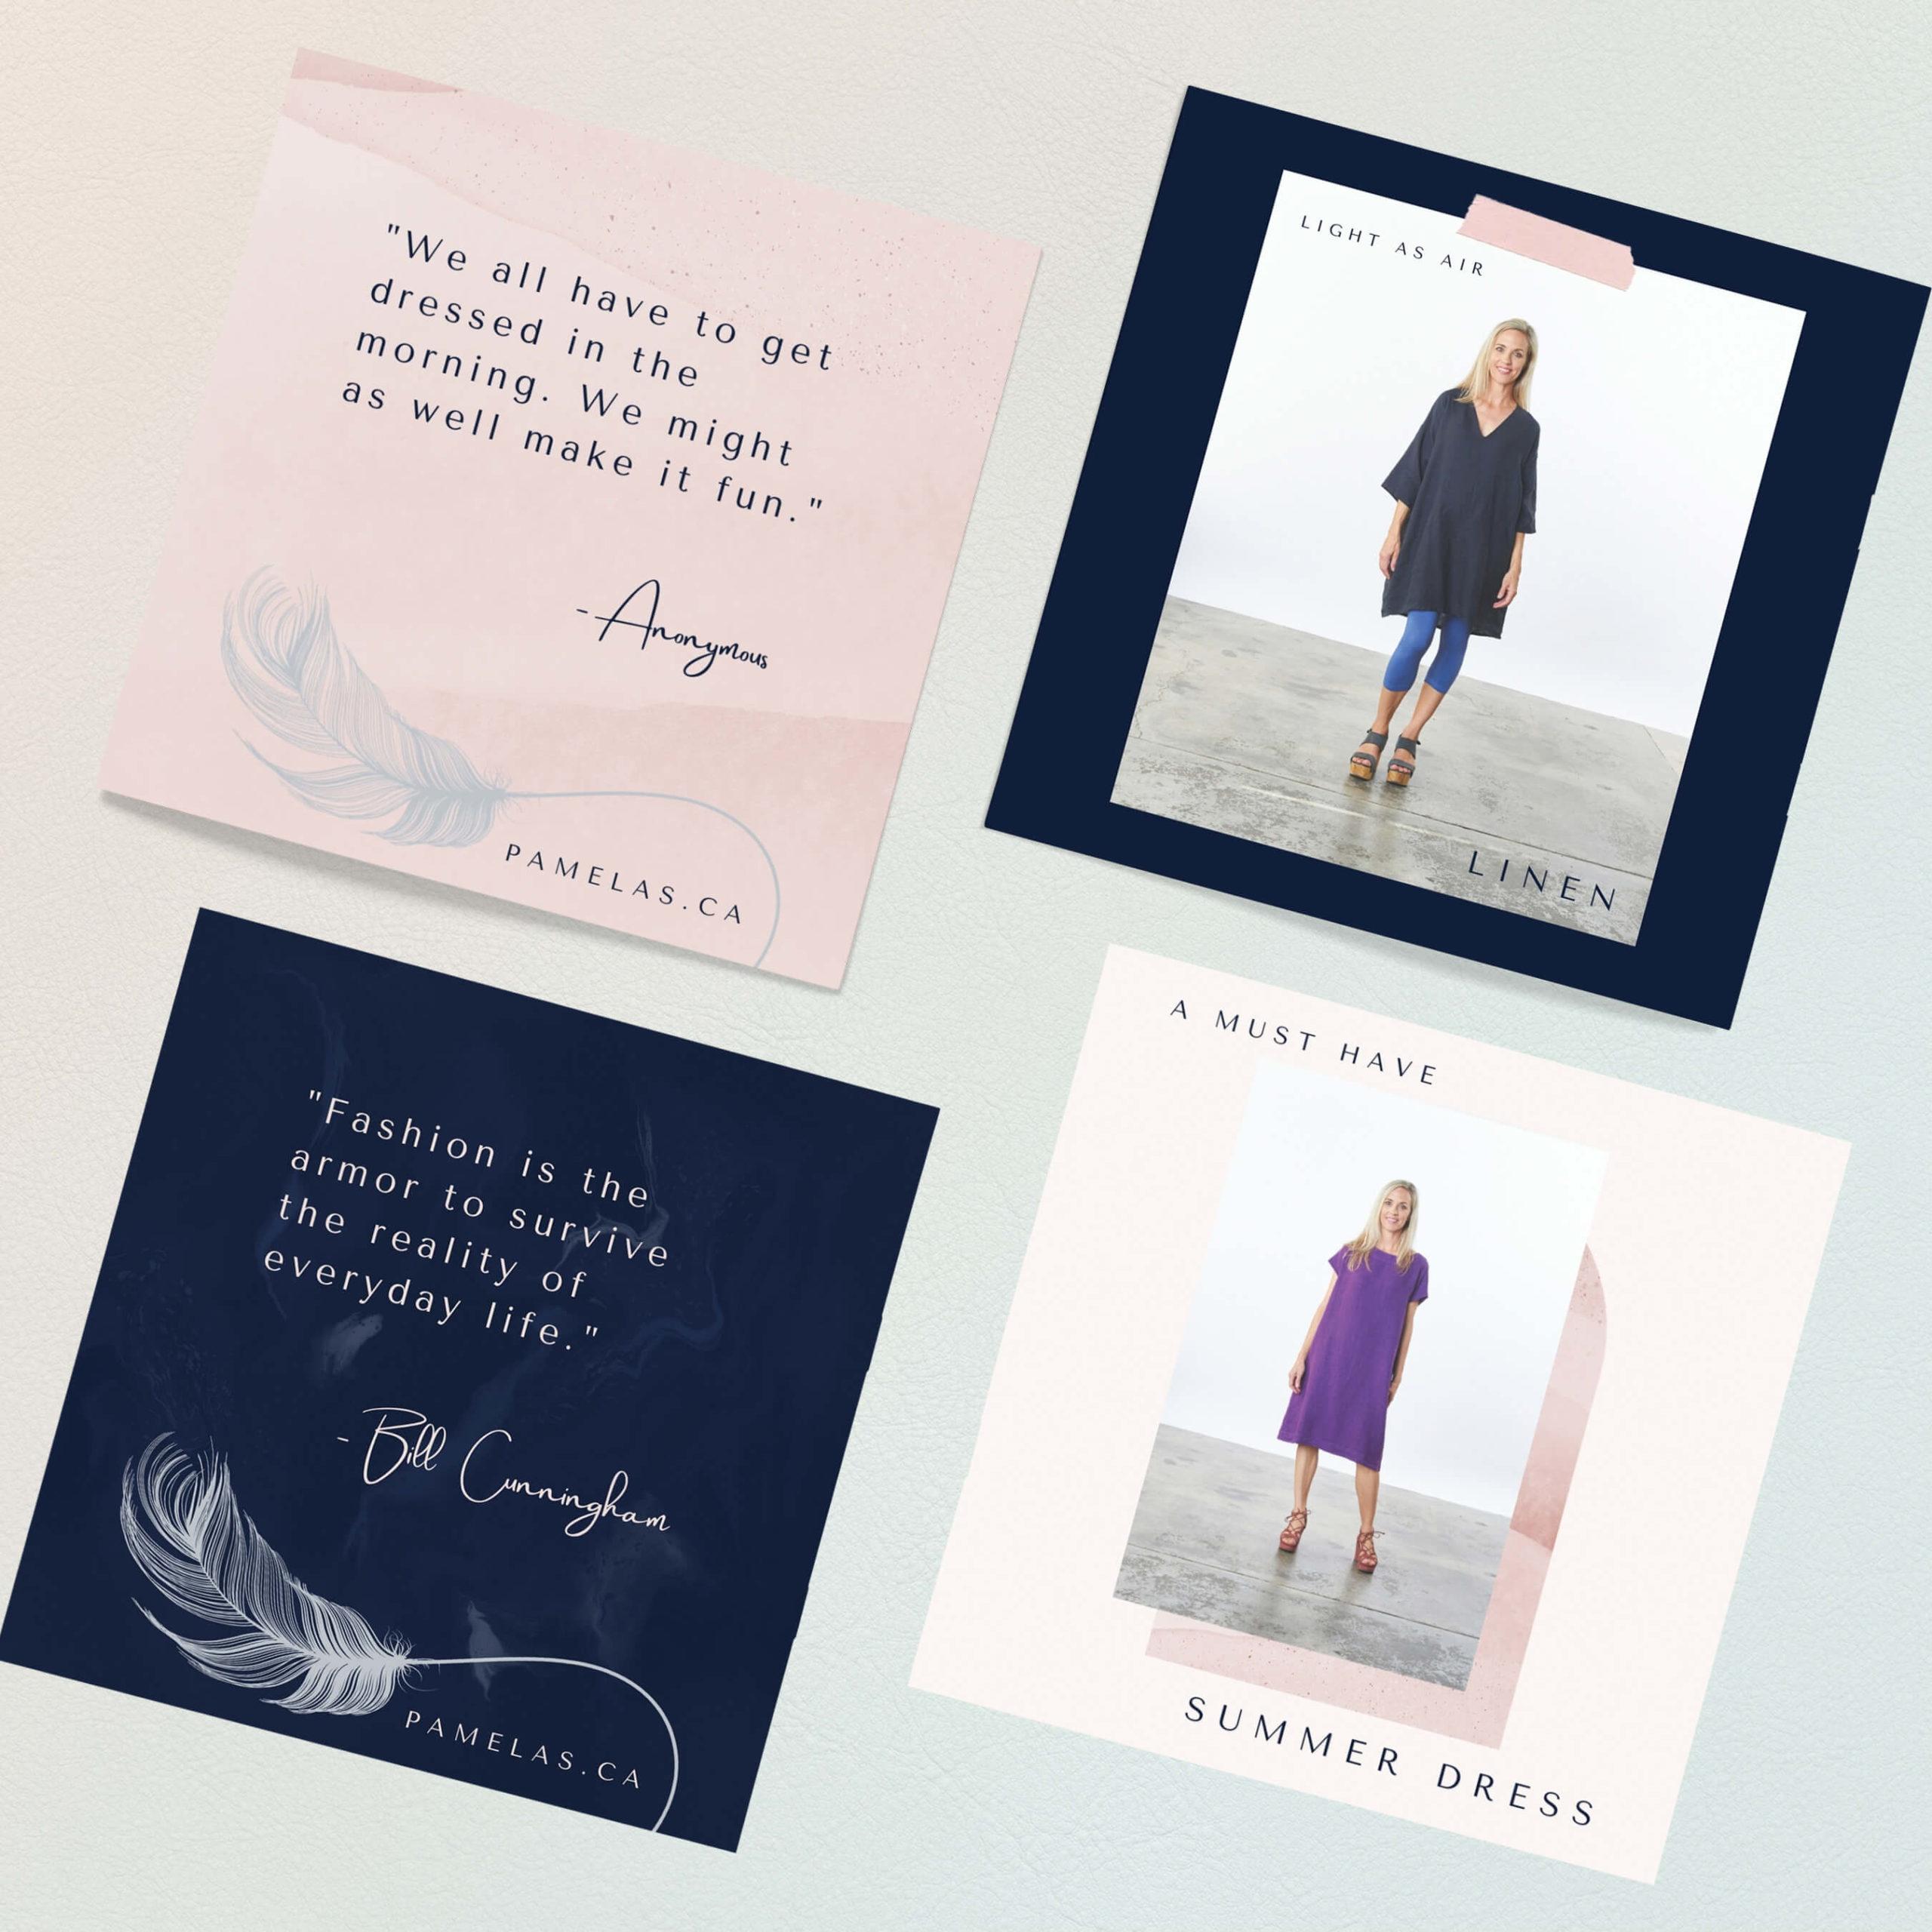 Pamela's social media post designs